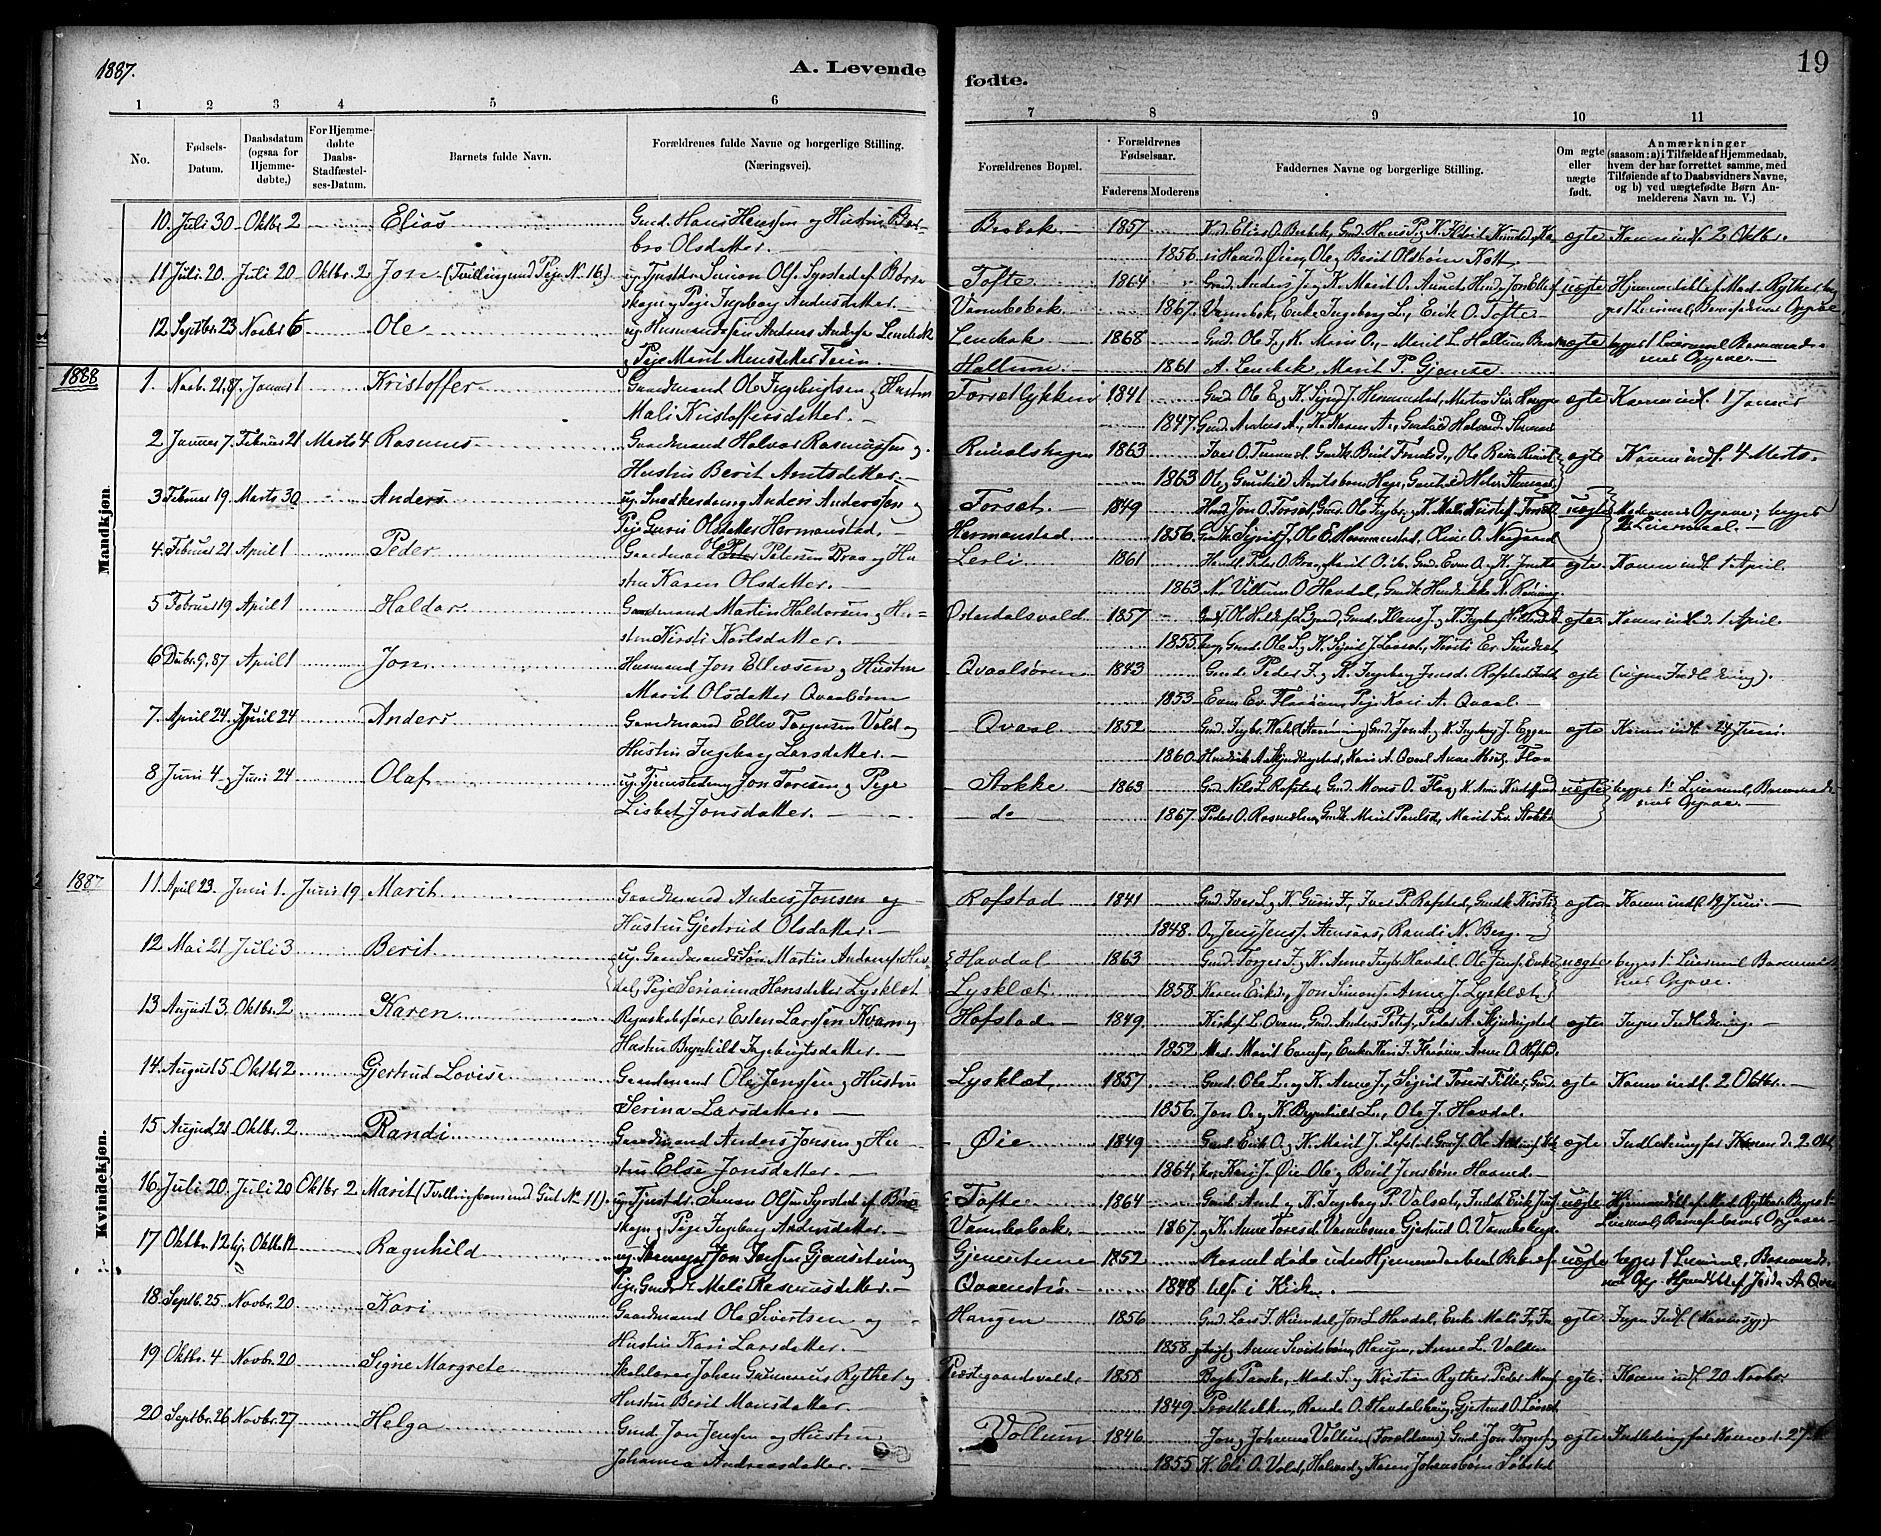 SAT, Ministerialprotokoller, klokkerbøker og fødselsregistre - Sør-Trøndelag, 691/L1094: Klokkerbok nr. 691C05, 1879-1911, s. 19